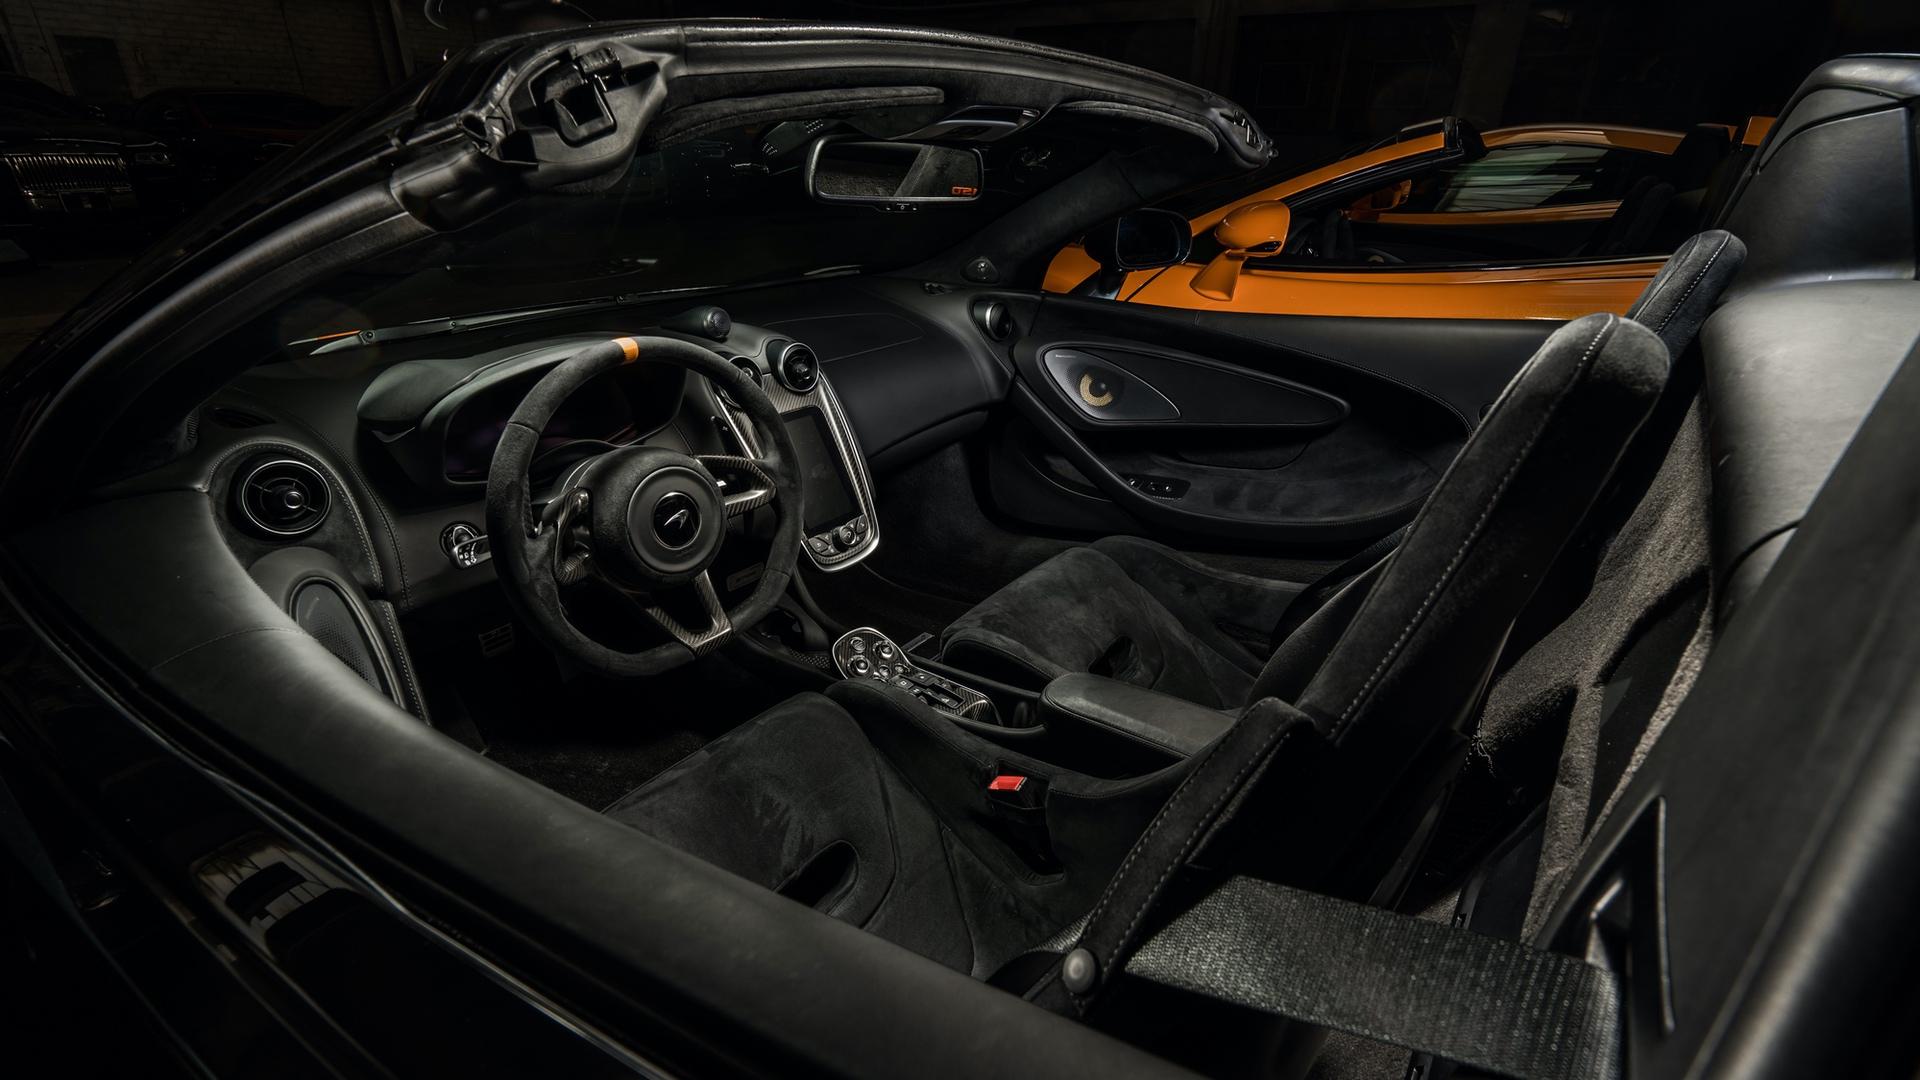 McLaren MSO RTTA 570s-6